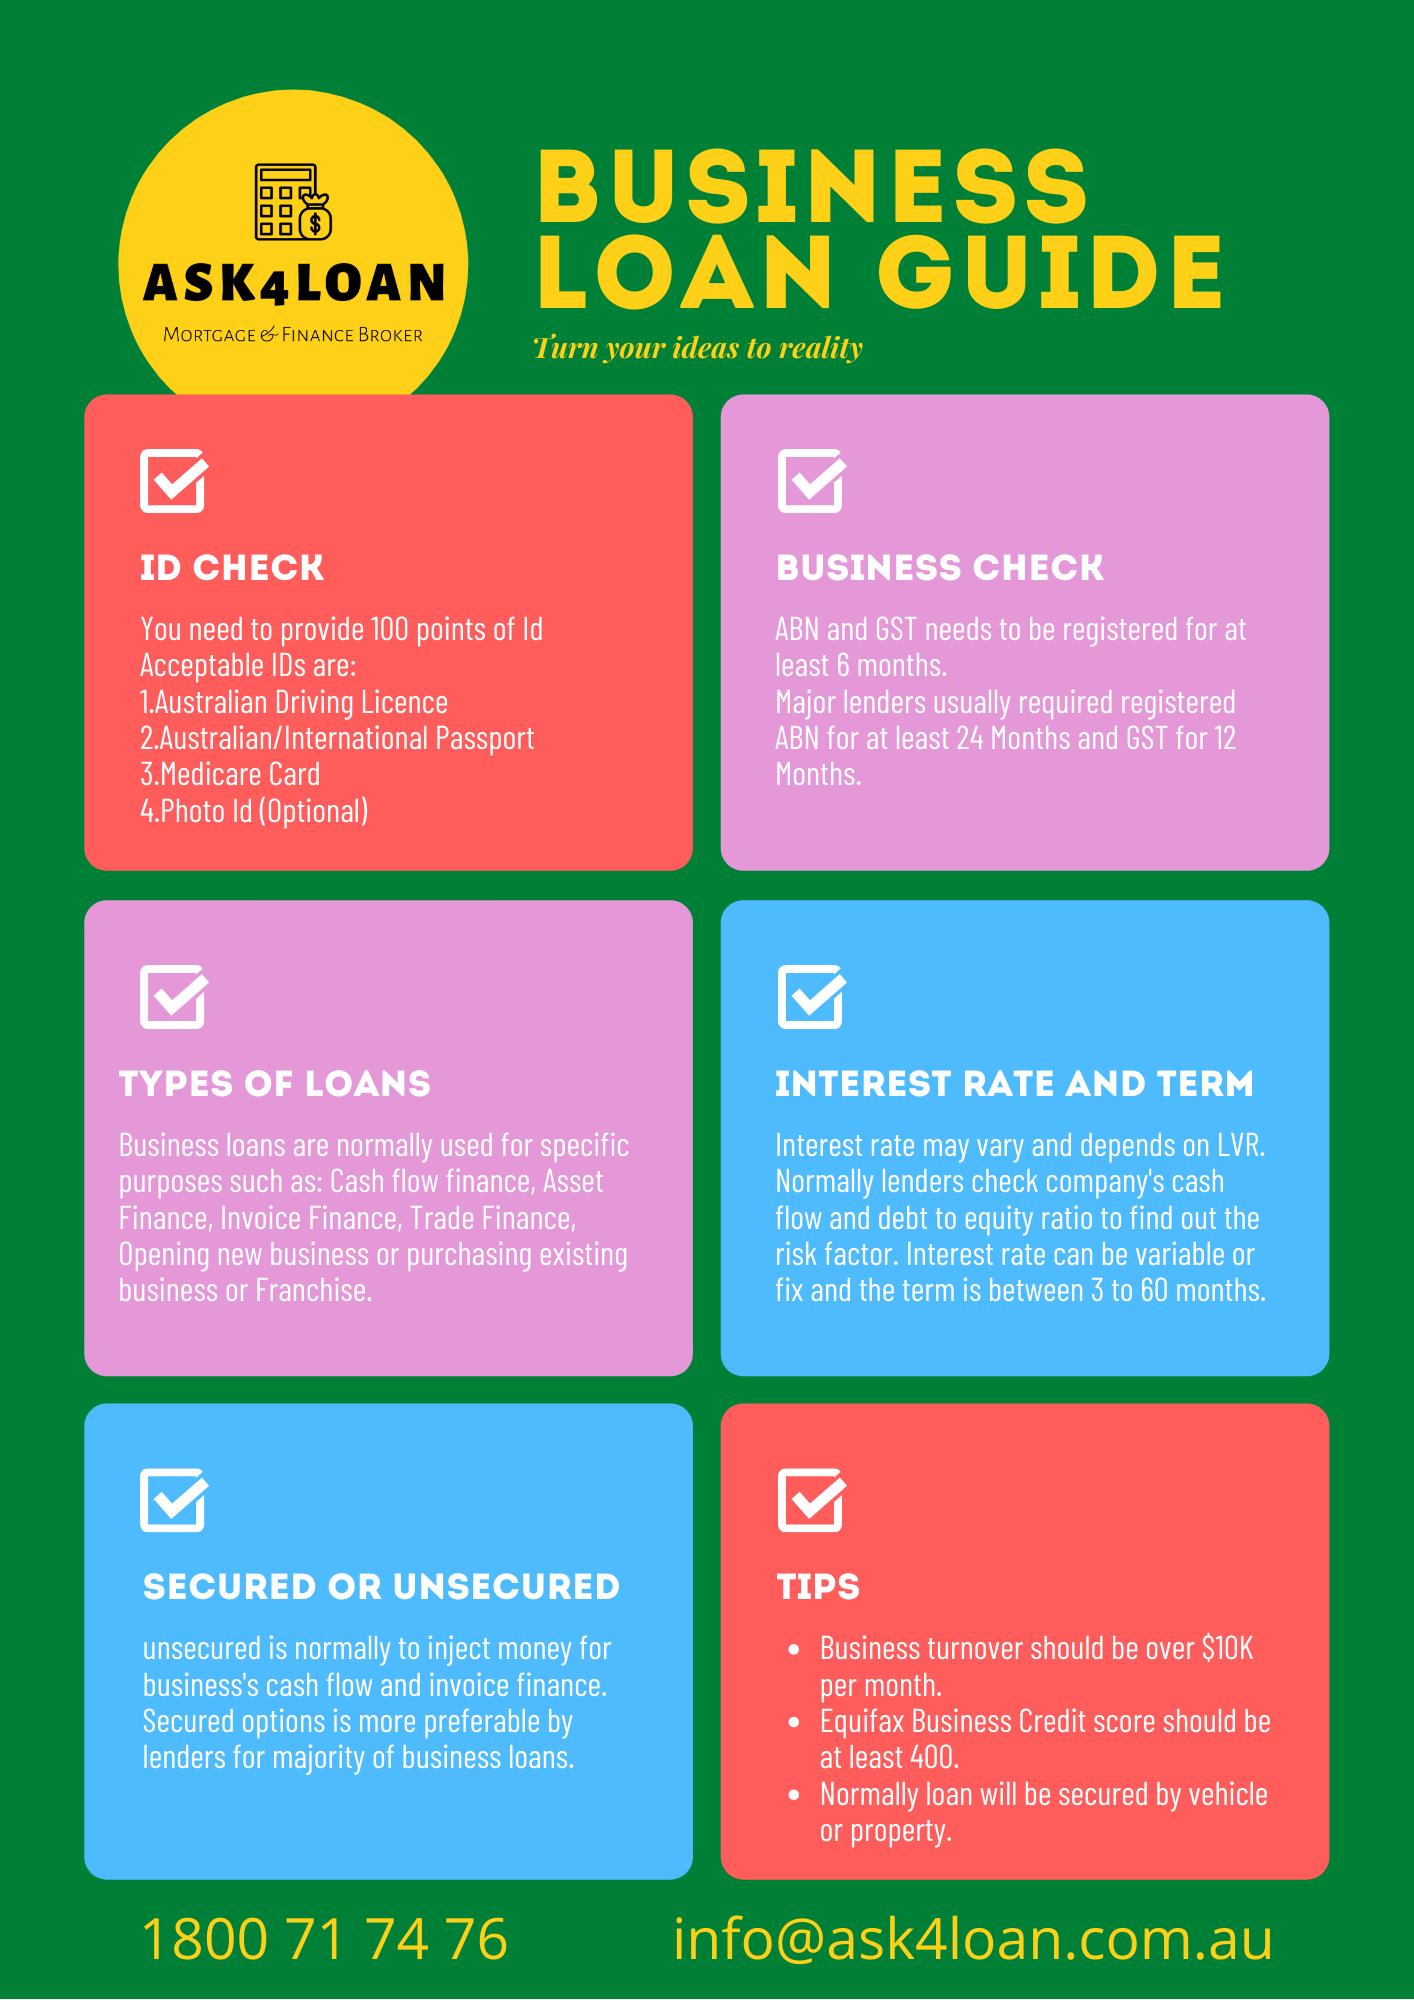 Business Loan Guide